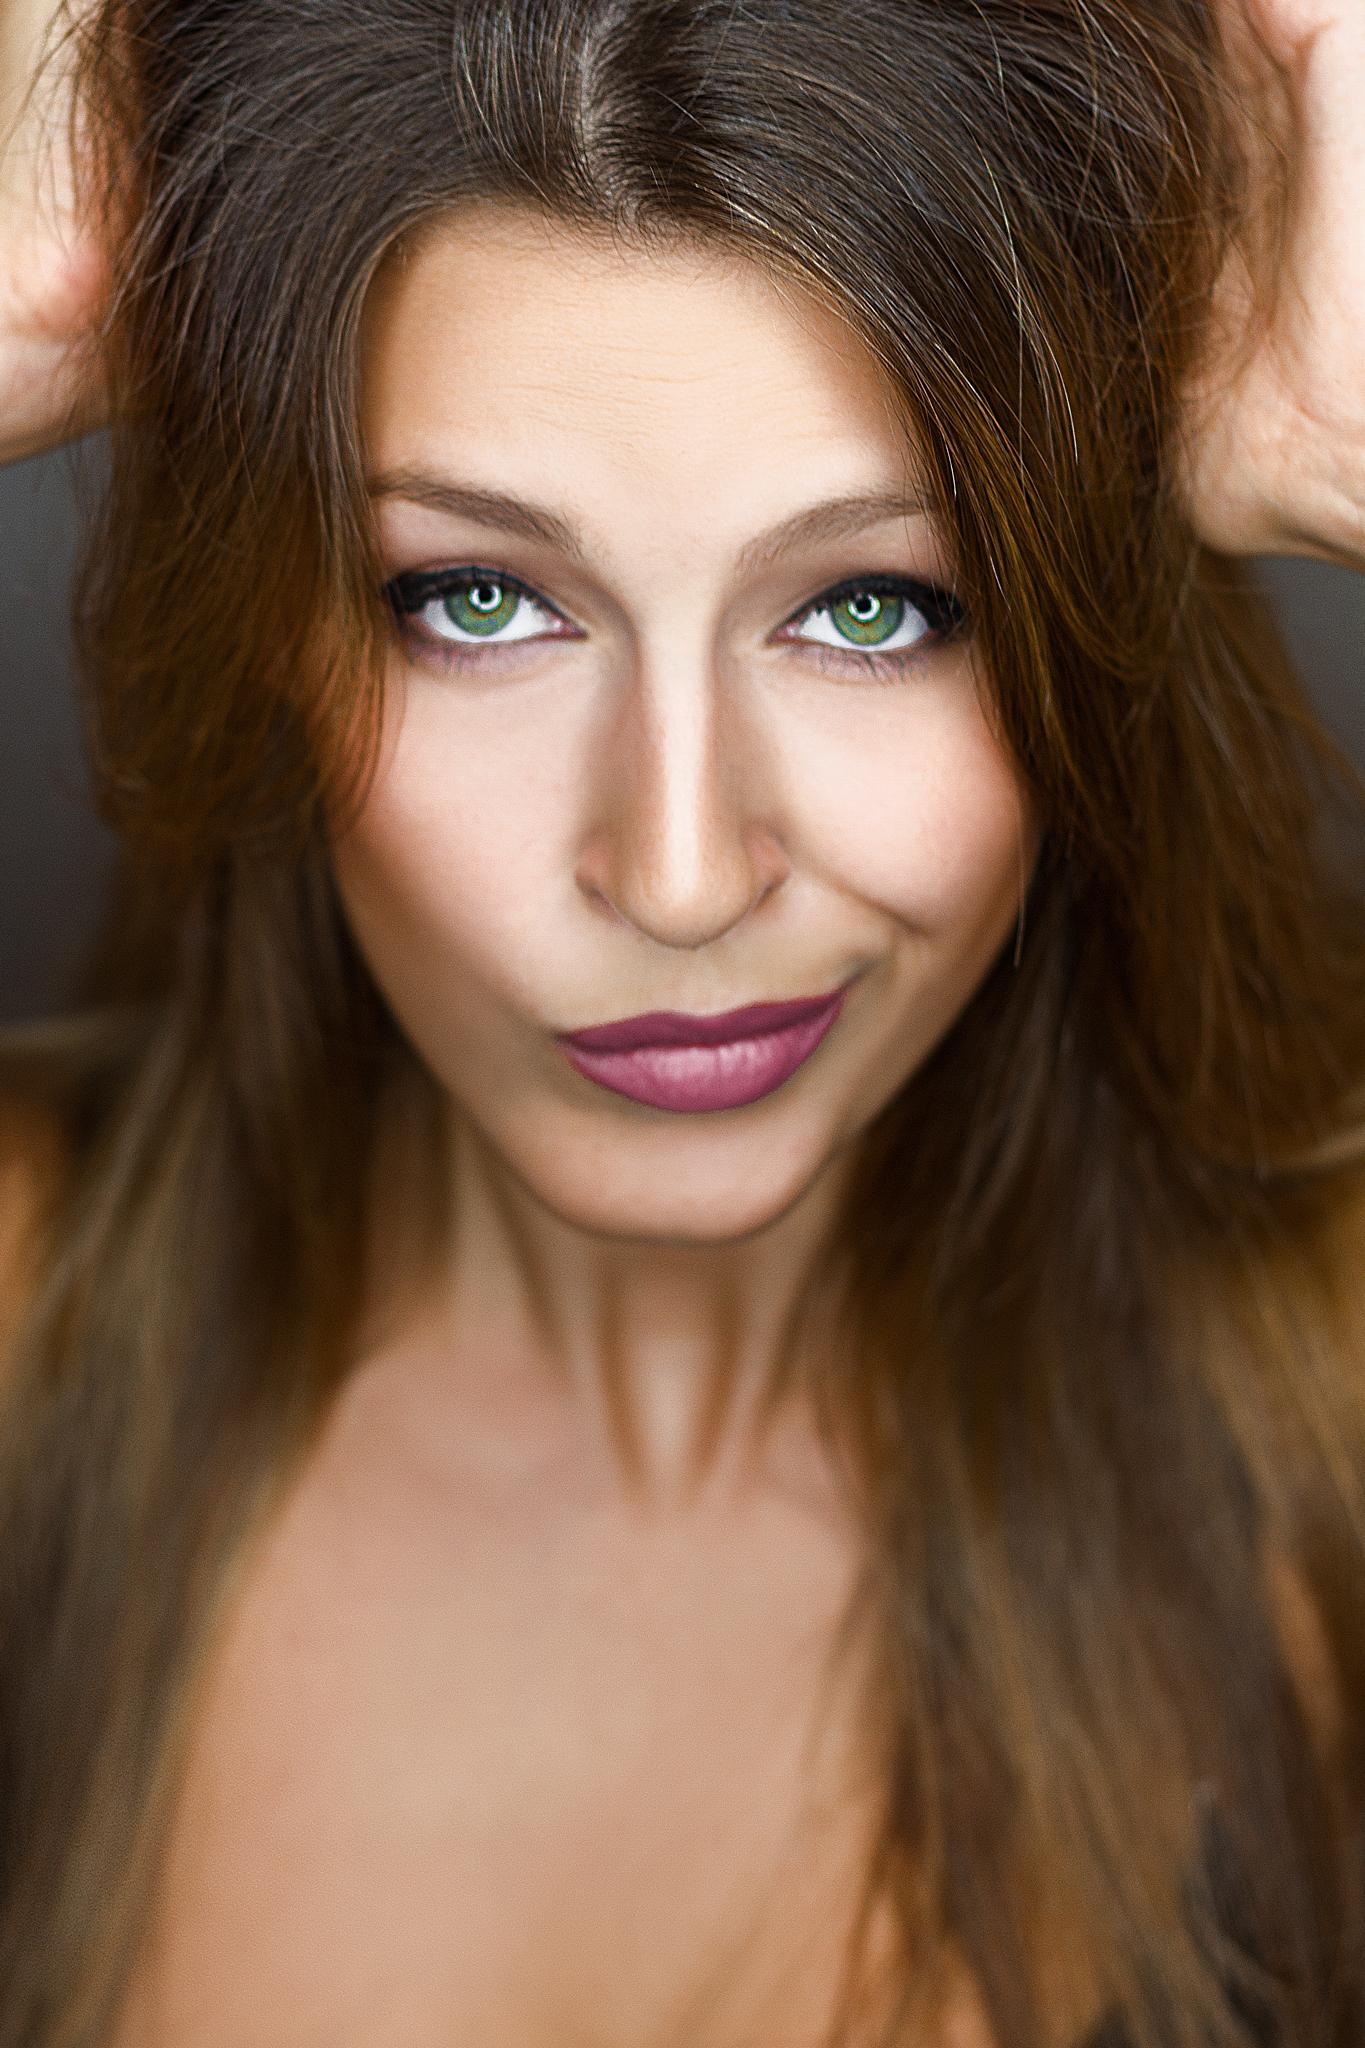 Portrait [#45] - Elisavet